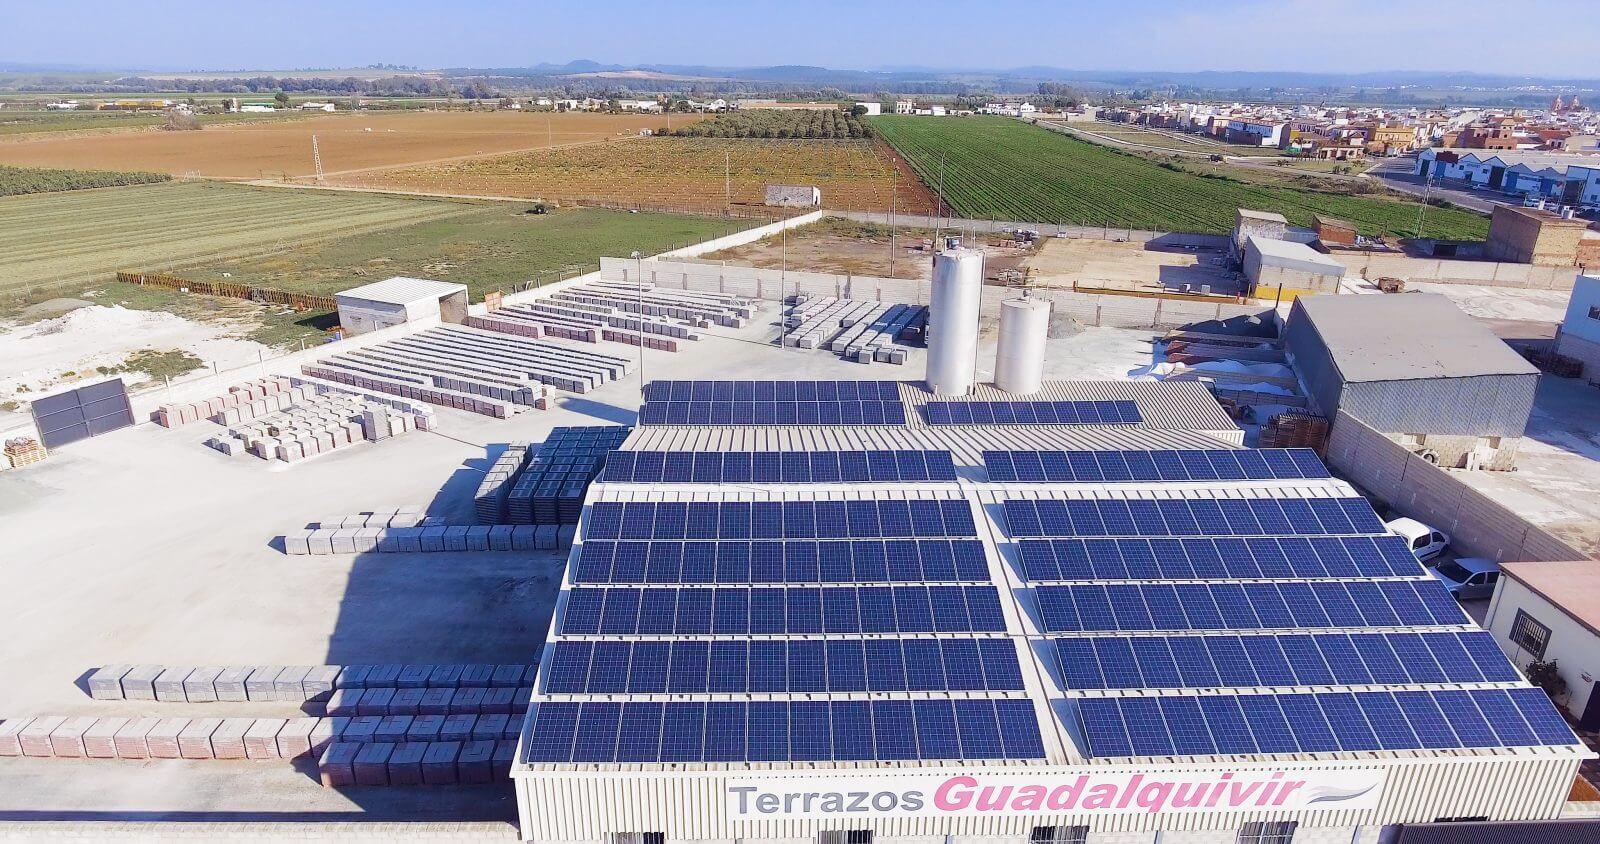 Terrazos Guadalquivir (+48,6 kWp)